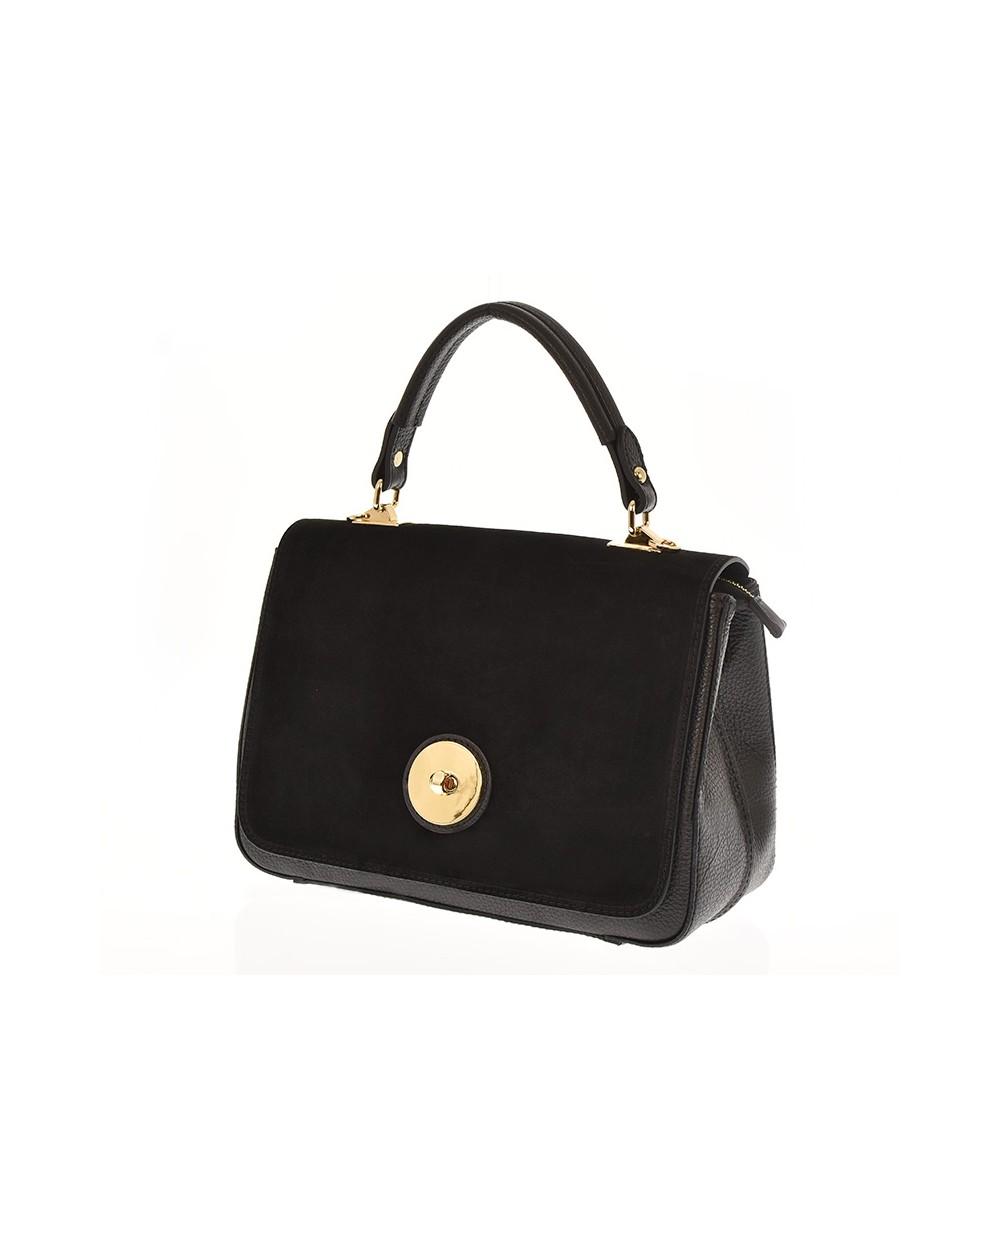 Włoska torebka vera pelle kuferek z zamszem czarna | Torebki damskie skórzane